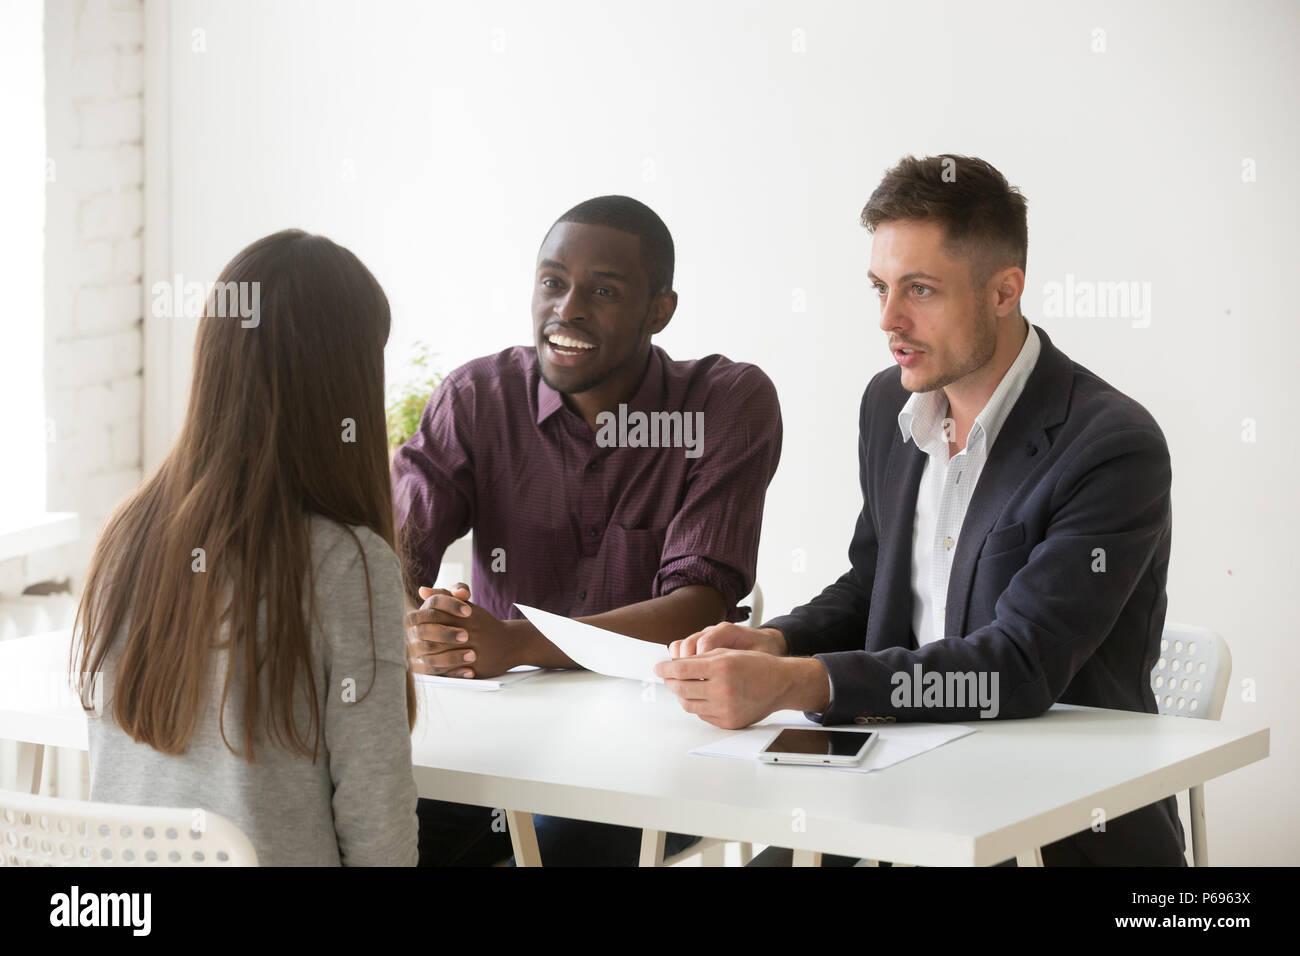 Freundlich multiethnischen hr Team unter Berücksichtigung weiblicher Kandidaten positi Stockbild